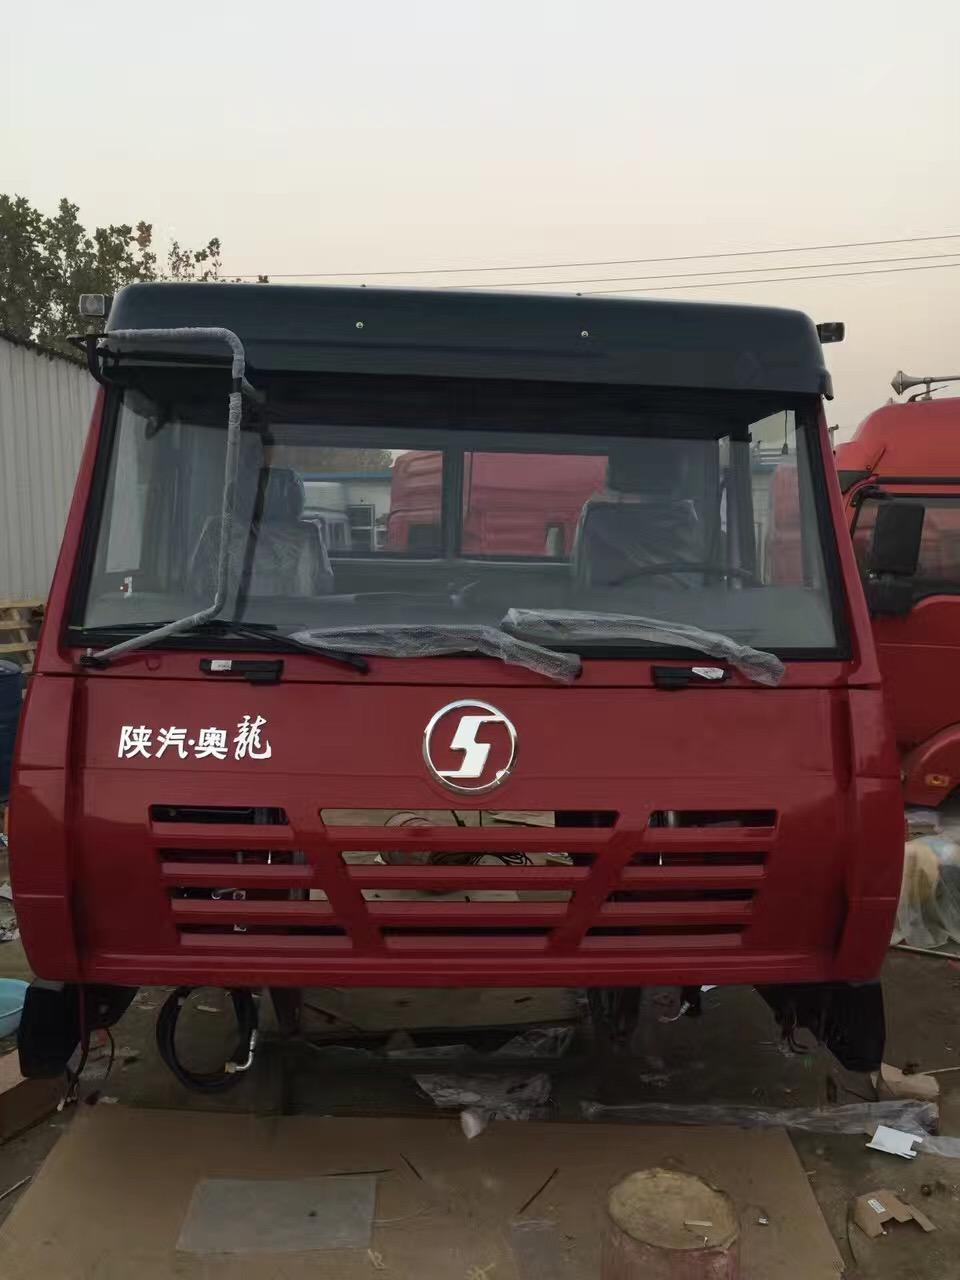 想买优惠的陕汽奥龙驾驶室,就来济南曼舟汽车配件-吉林奥龙驾驶室